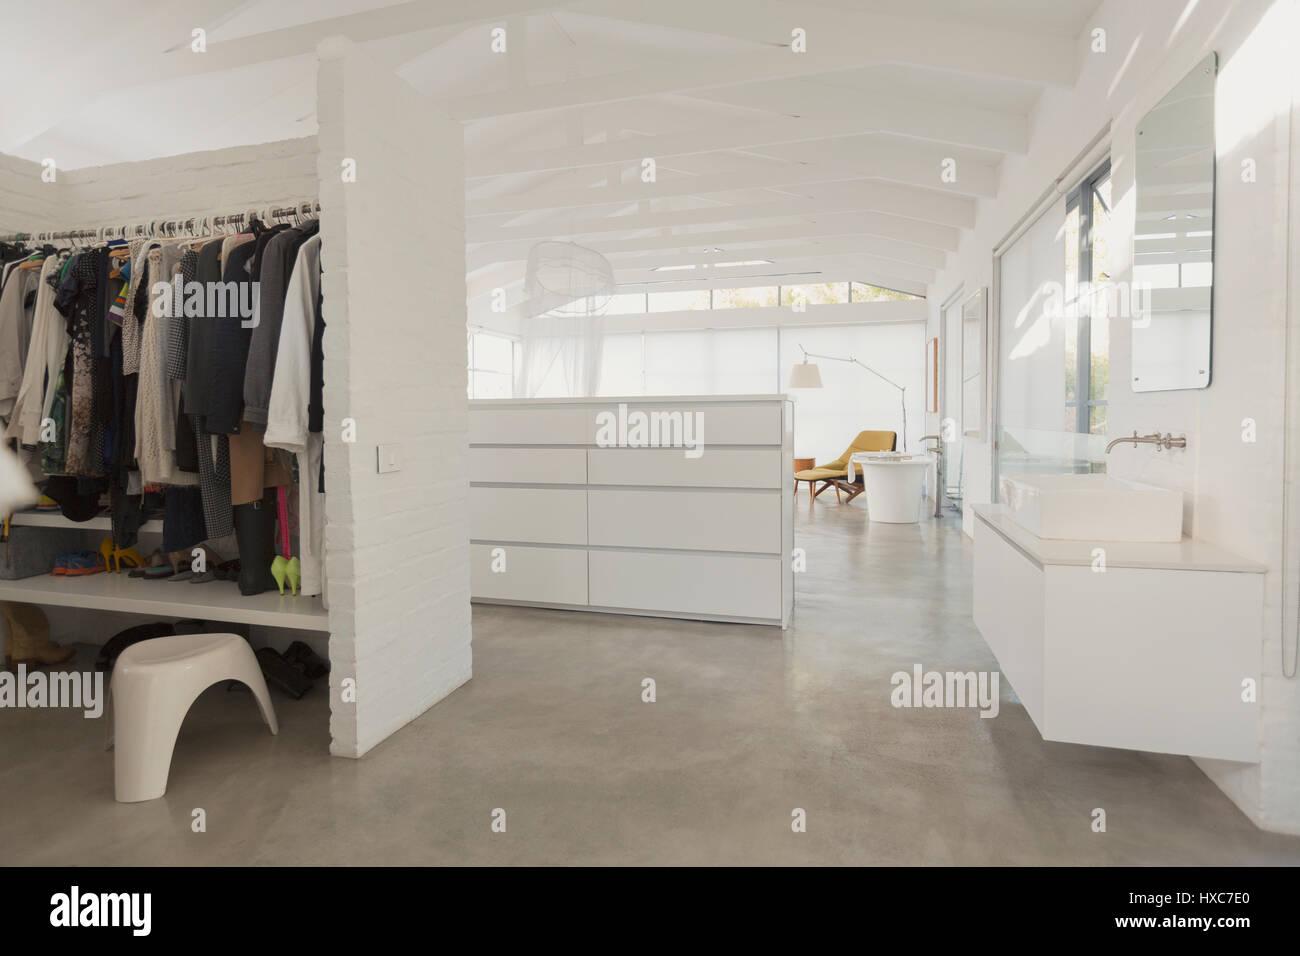 Armadio A Muro Bagno.Bianco Moderno E Minimalista Armadio A Muro E Bagno Vanita Foto